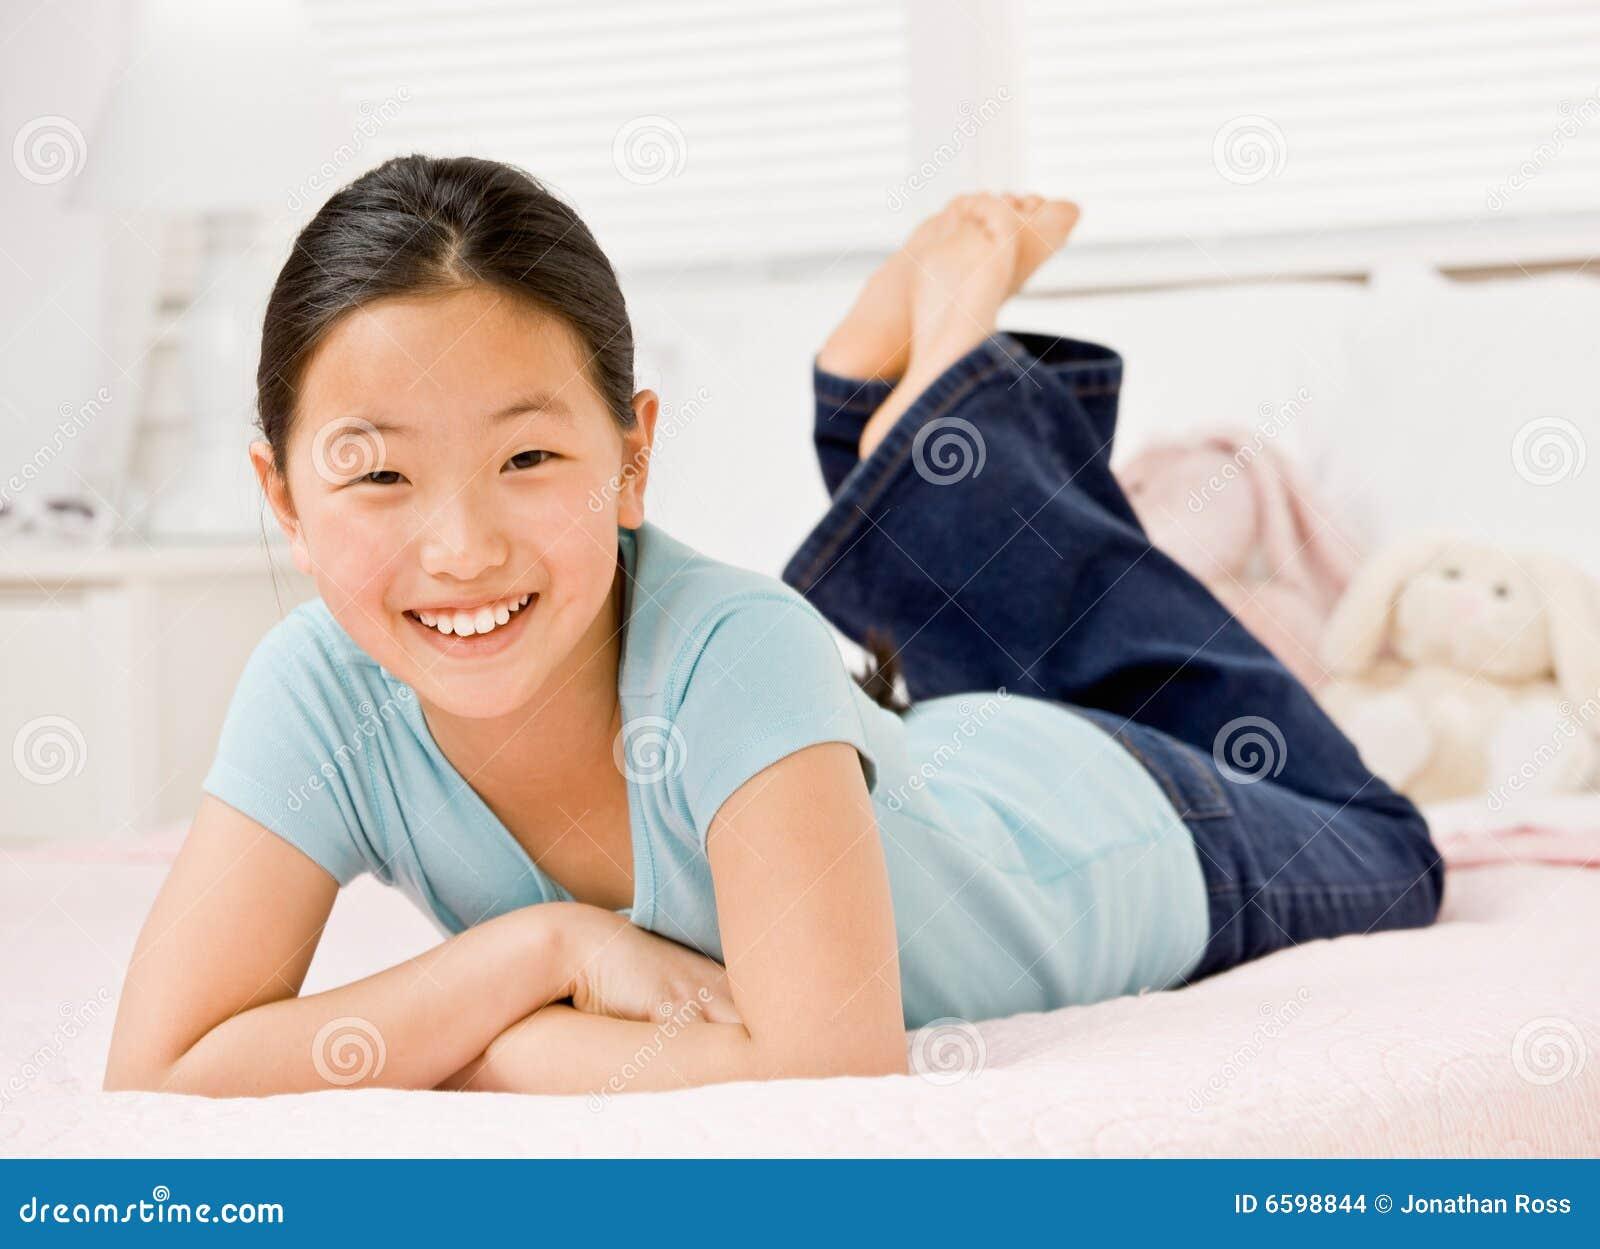 Zeker meisje dat op bed in slaapkamer legt stock afbeeldingen afbeelding 6598844 - Bed dat rangschikt ...